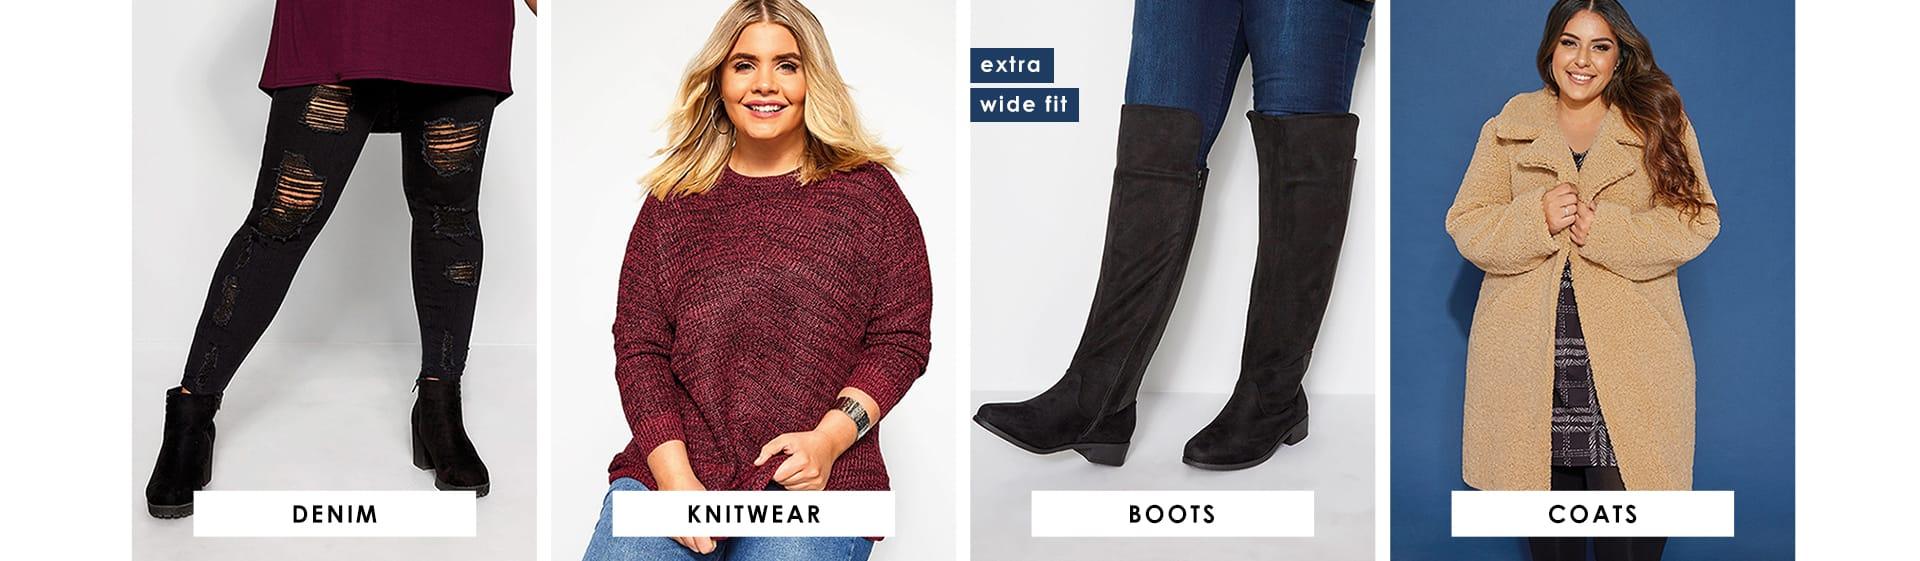 Denim - Knits - Boots- Coats